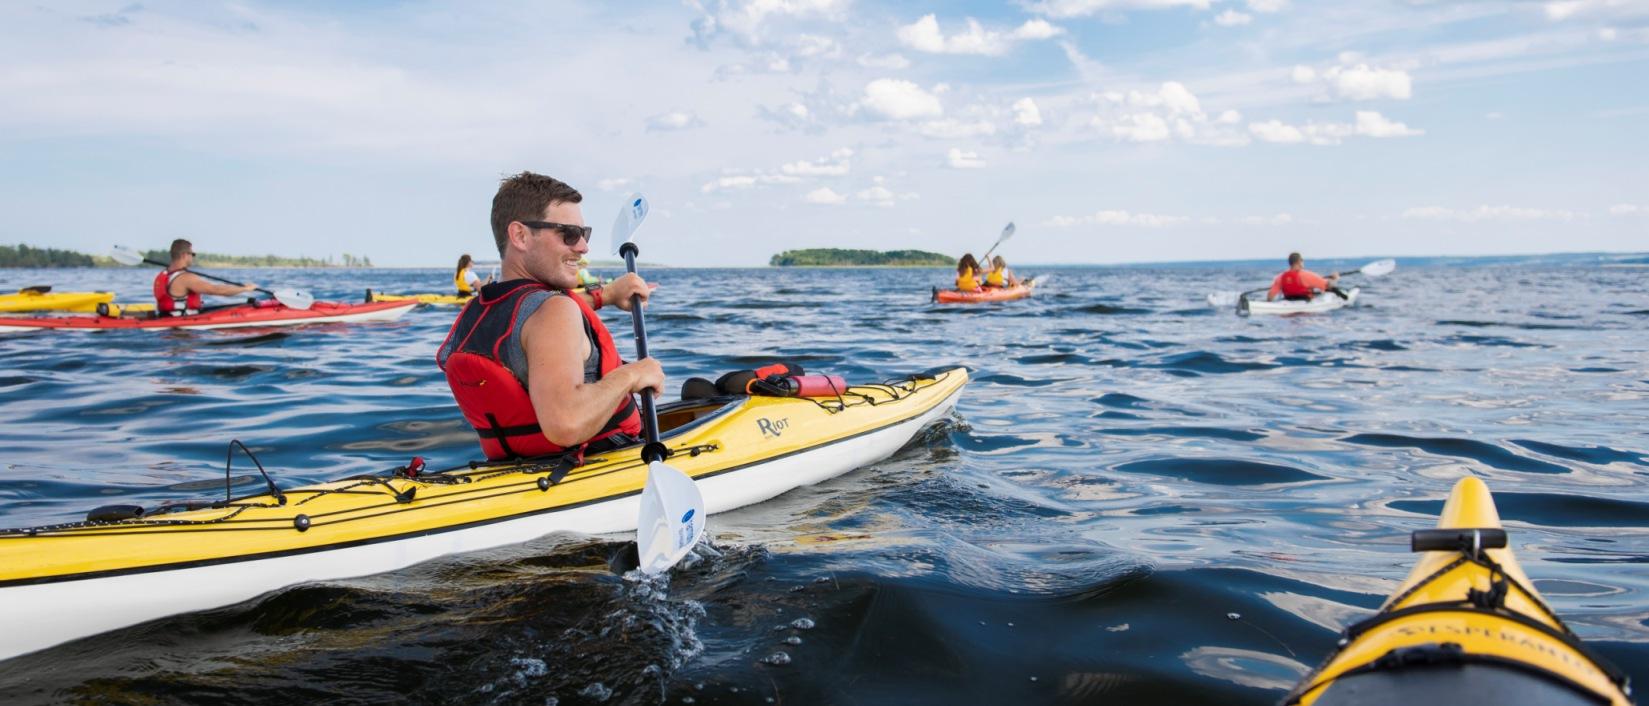 Guided kayaking tour at Fox Harb'r Resort